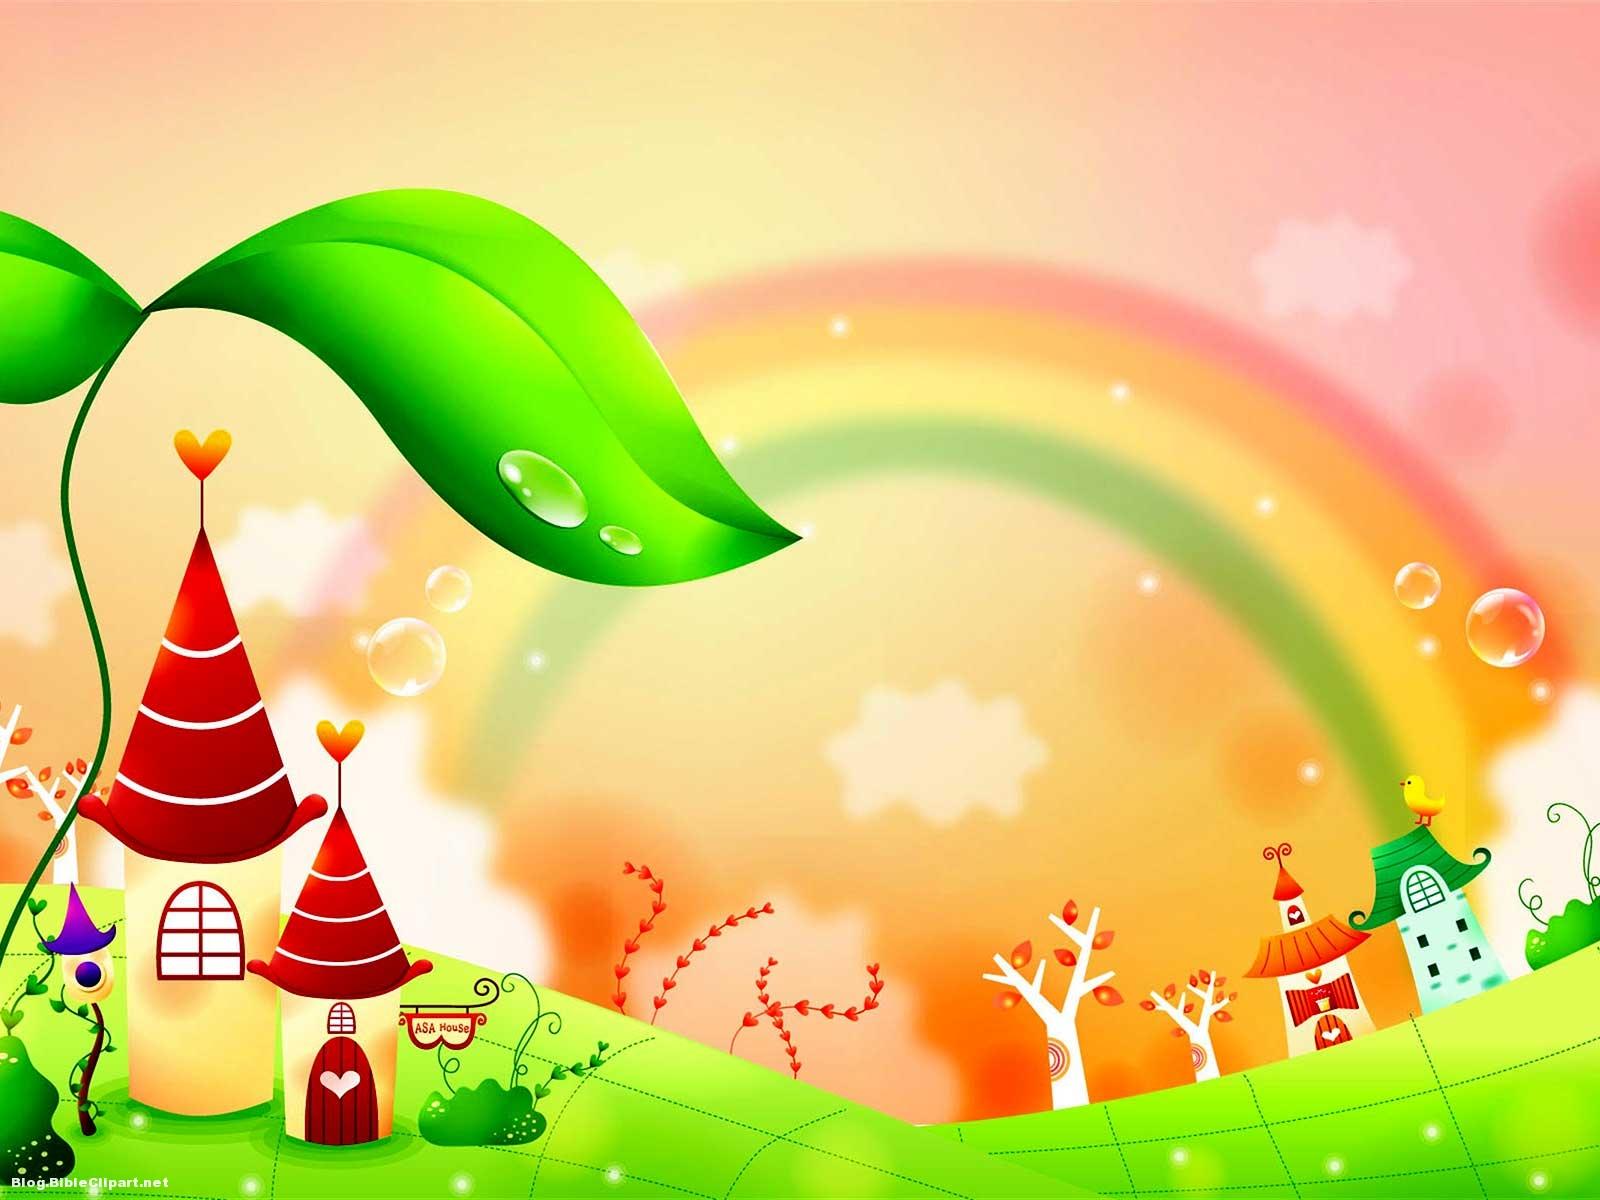 Fairy Tale Rainbow Children Background